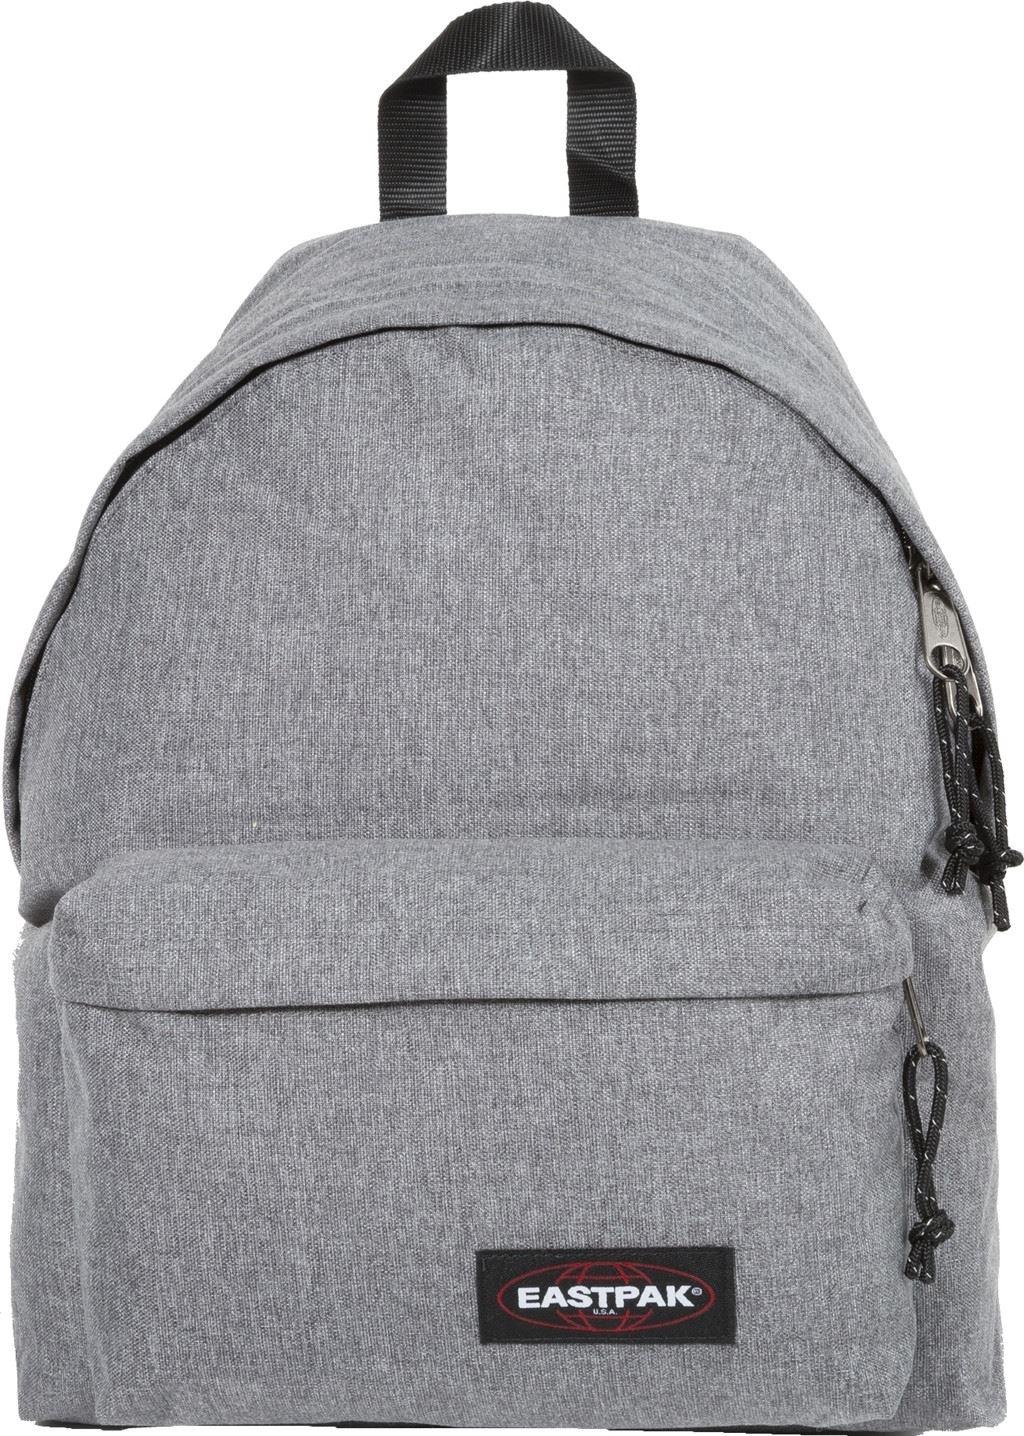 Eastpak padded pak 039 r sac a dos sac a dos sac noir rouge bleu gris